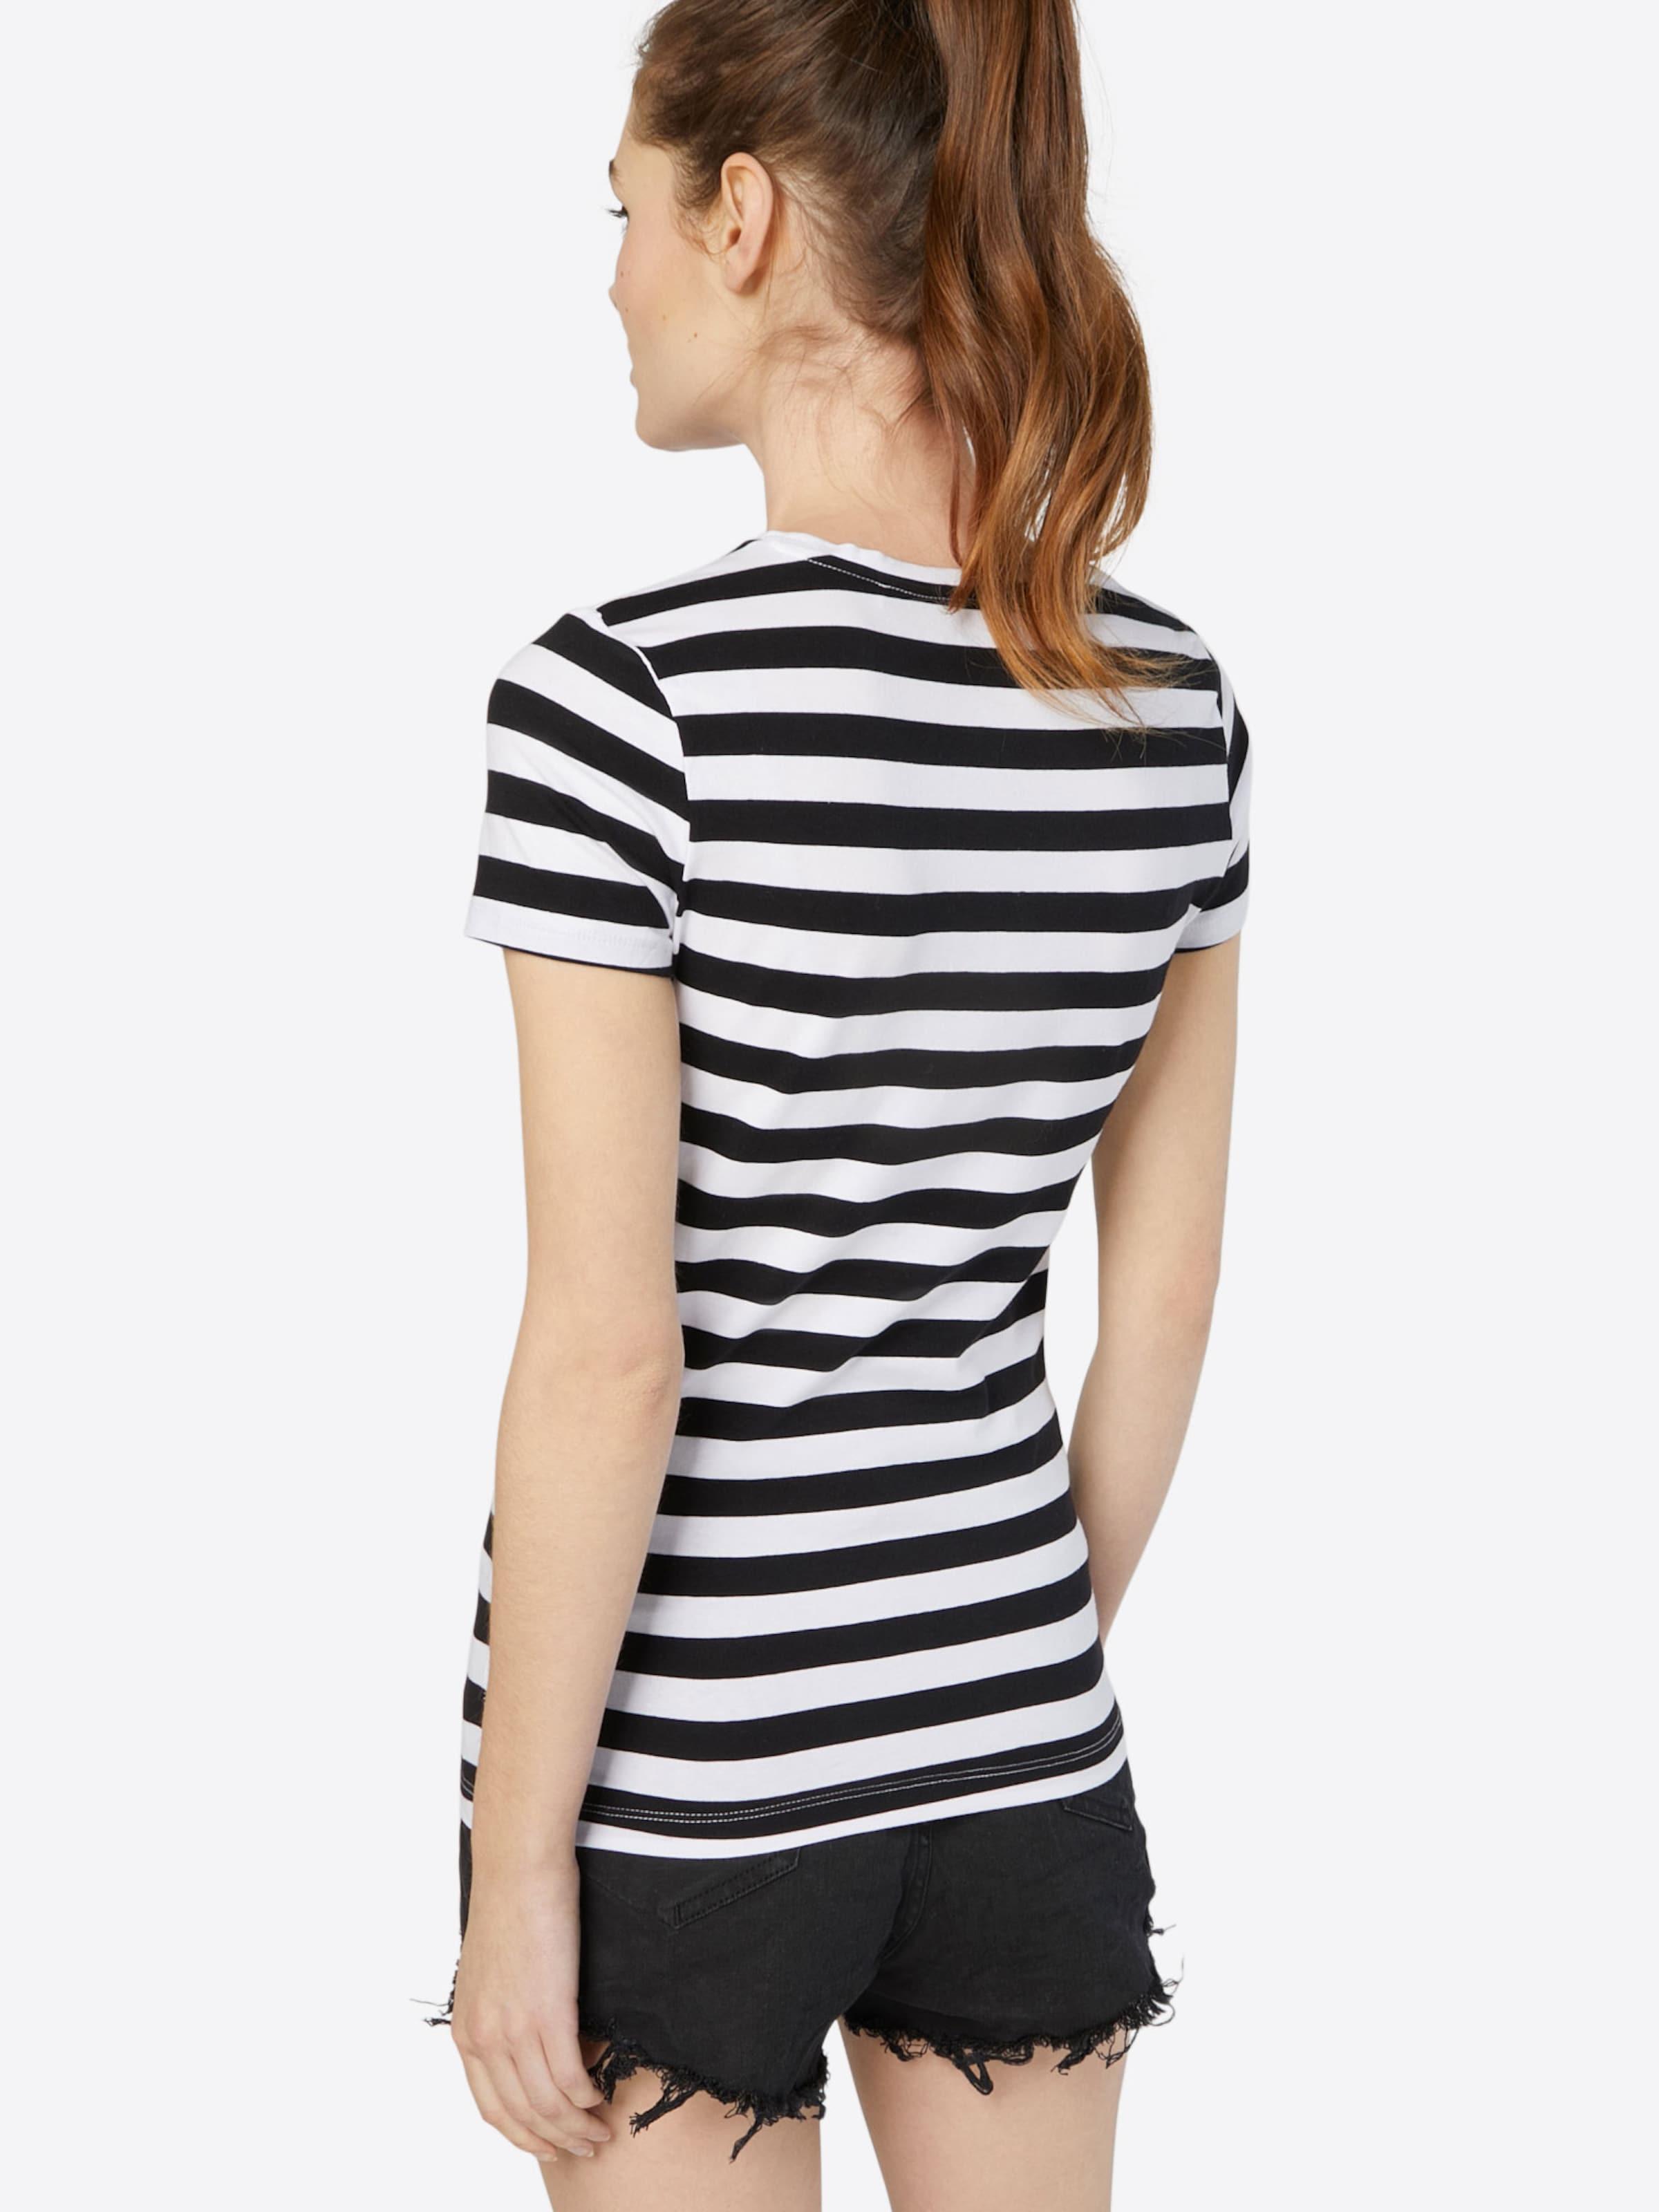 Preiswerte Qualität Auslass Großhandelspreis GUESS T-Shirt 'SHINY LOGO TEE' Günstig Kaufen Kosten Speichern Günstig Online jlX7A7j5JN